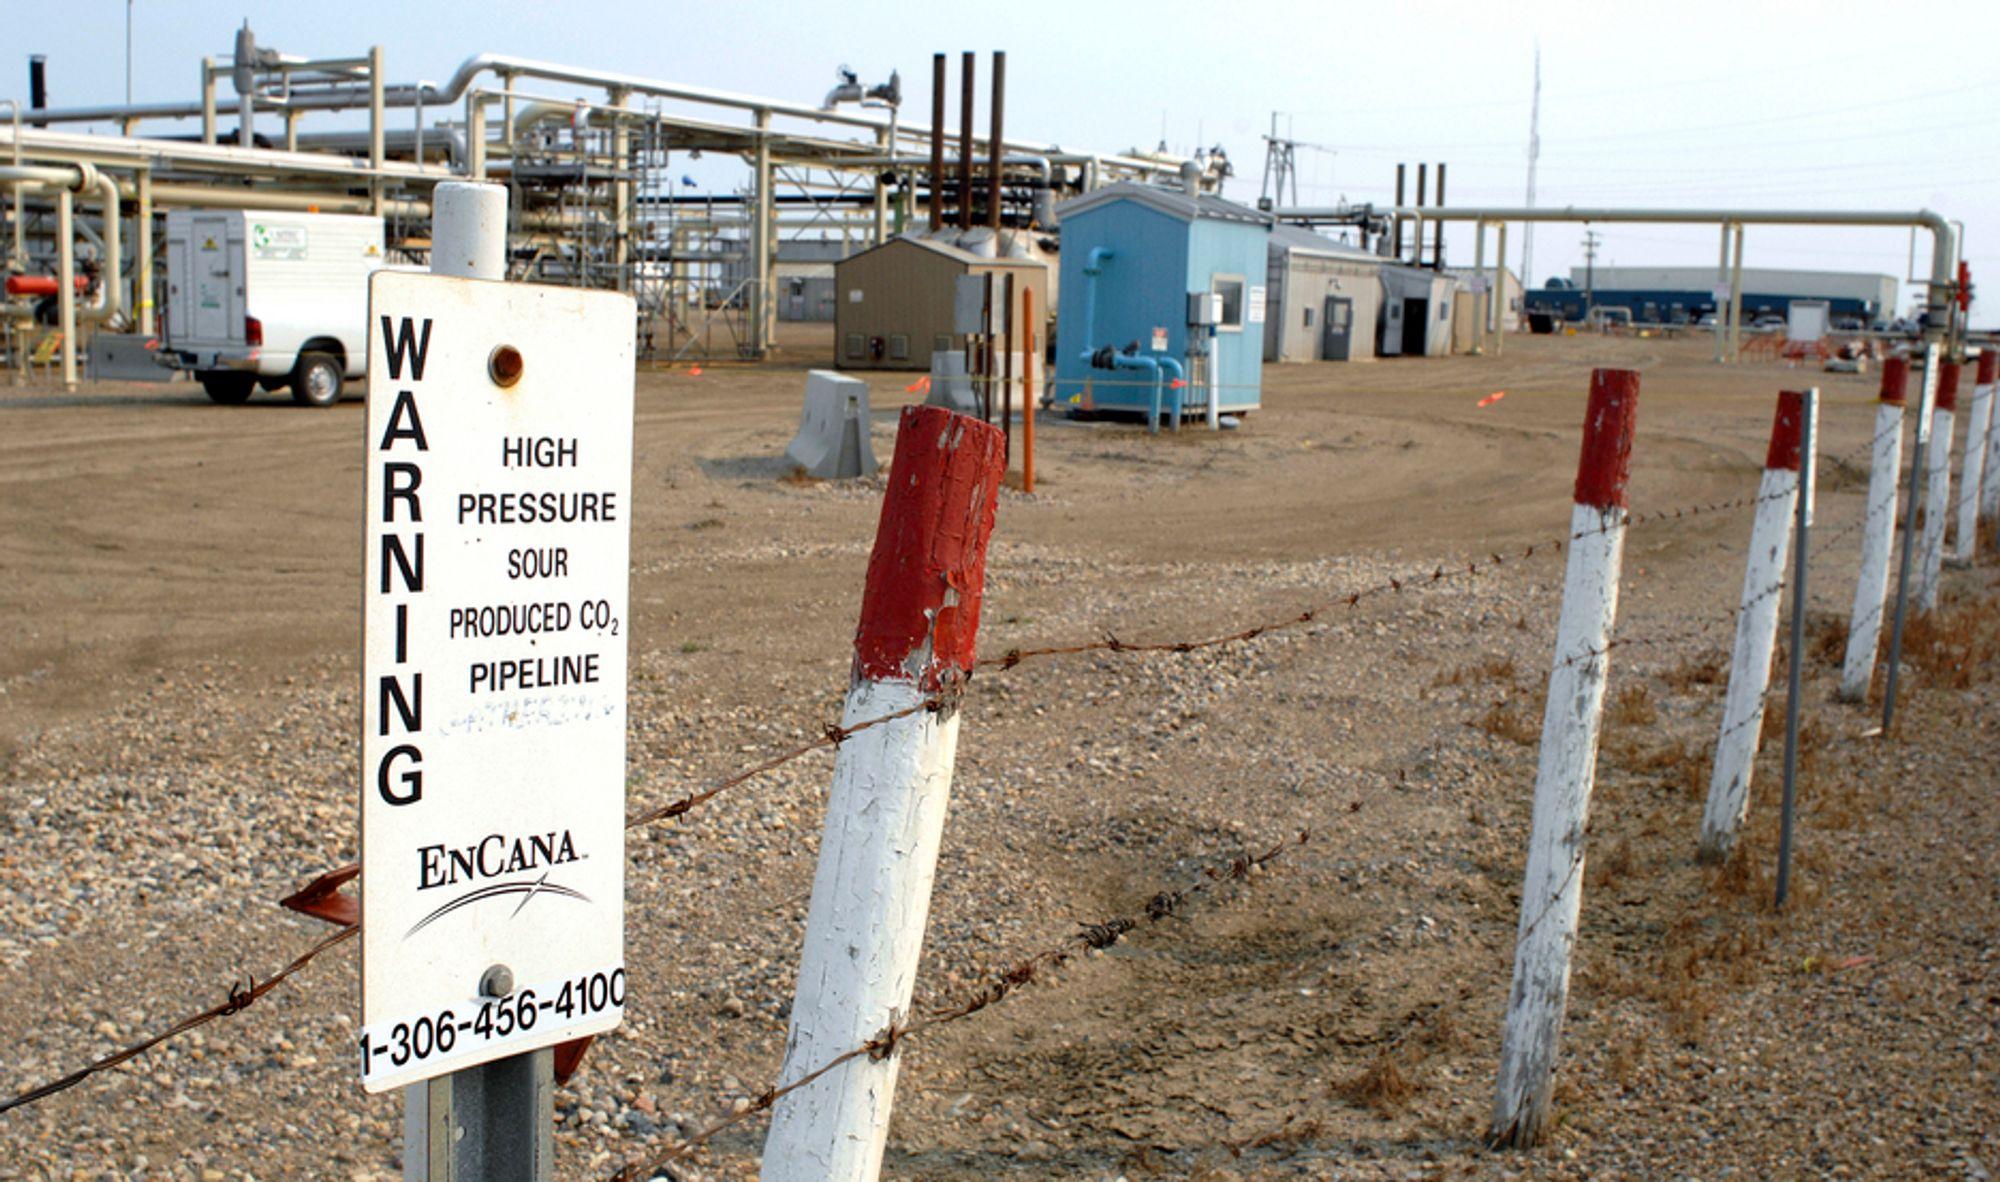 WAYBURN: Oljeselskapet Cenovus har siden 2000 injisert om lag 16 millioner tonn CO2 i bakken for å få mer olje ut av et aldrende felt og for å kutte utslipp.